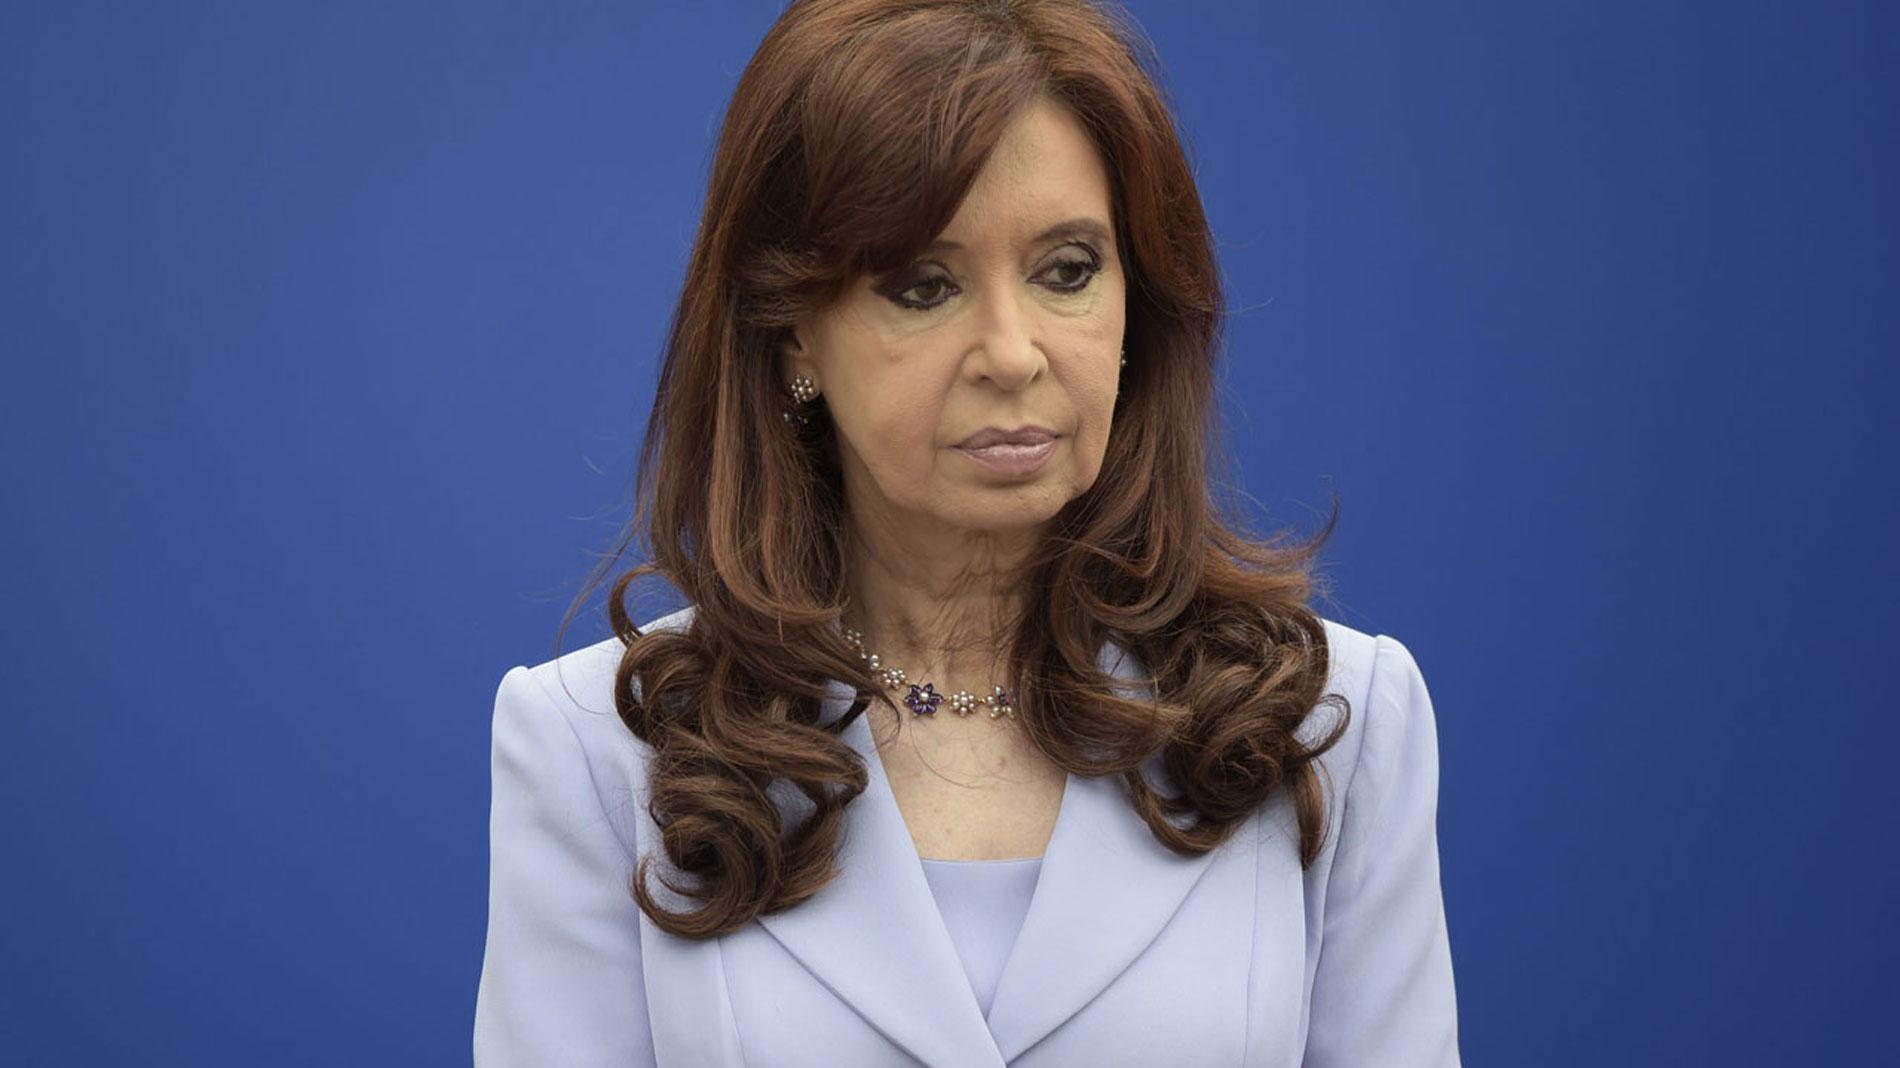 Un juez procesa con prisión preventiva a Cristina Fernández por un caso de sobornos